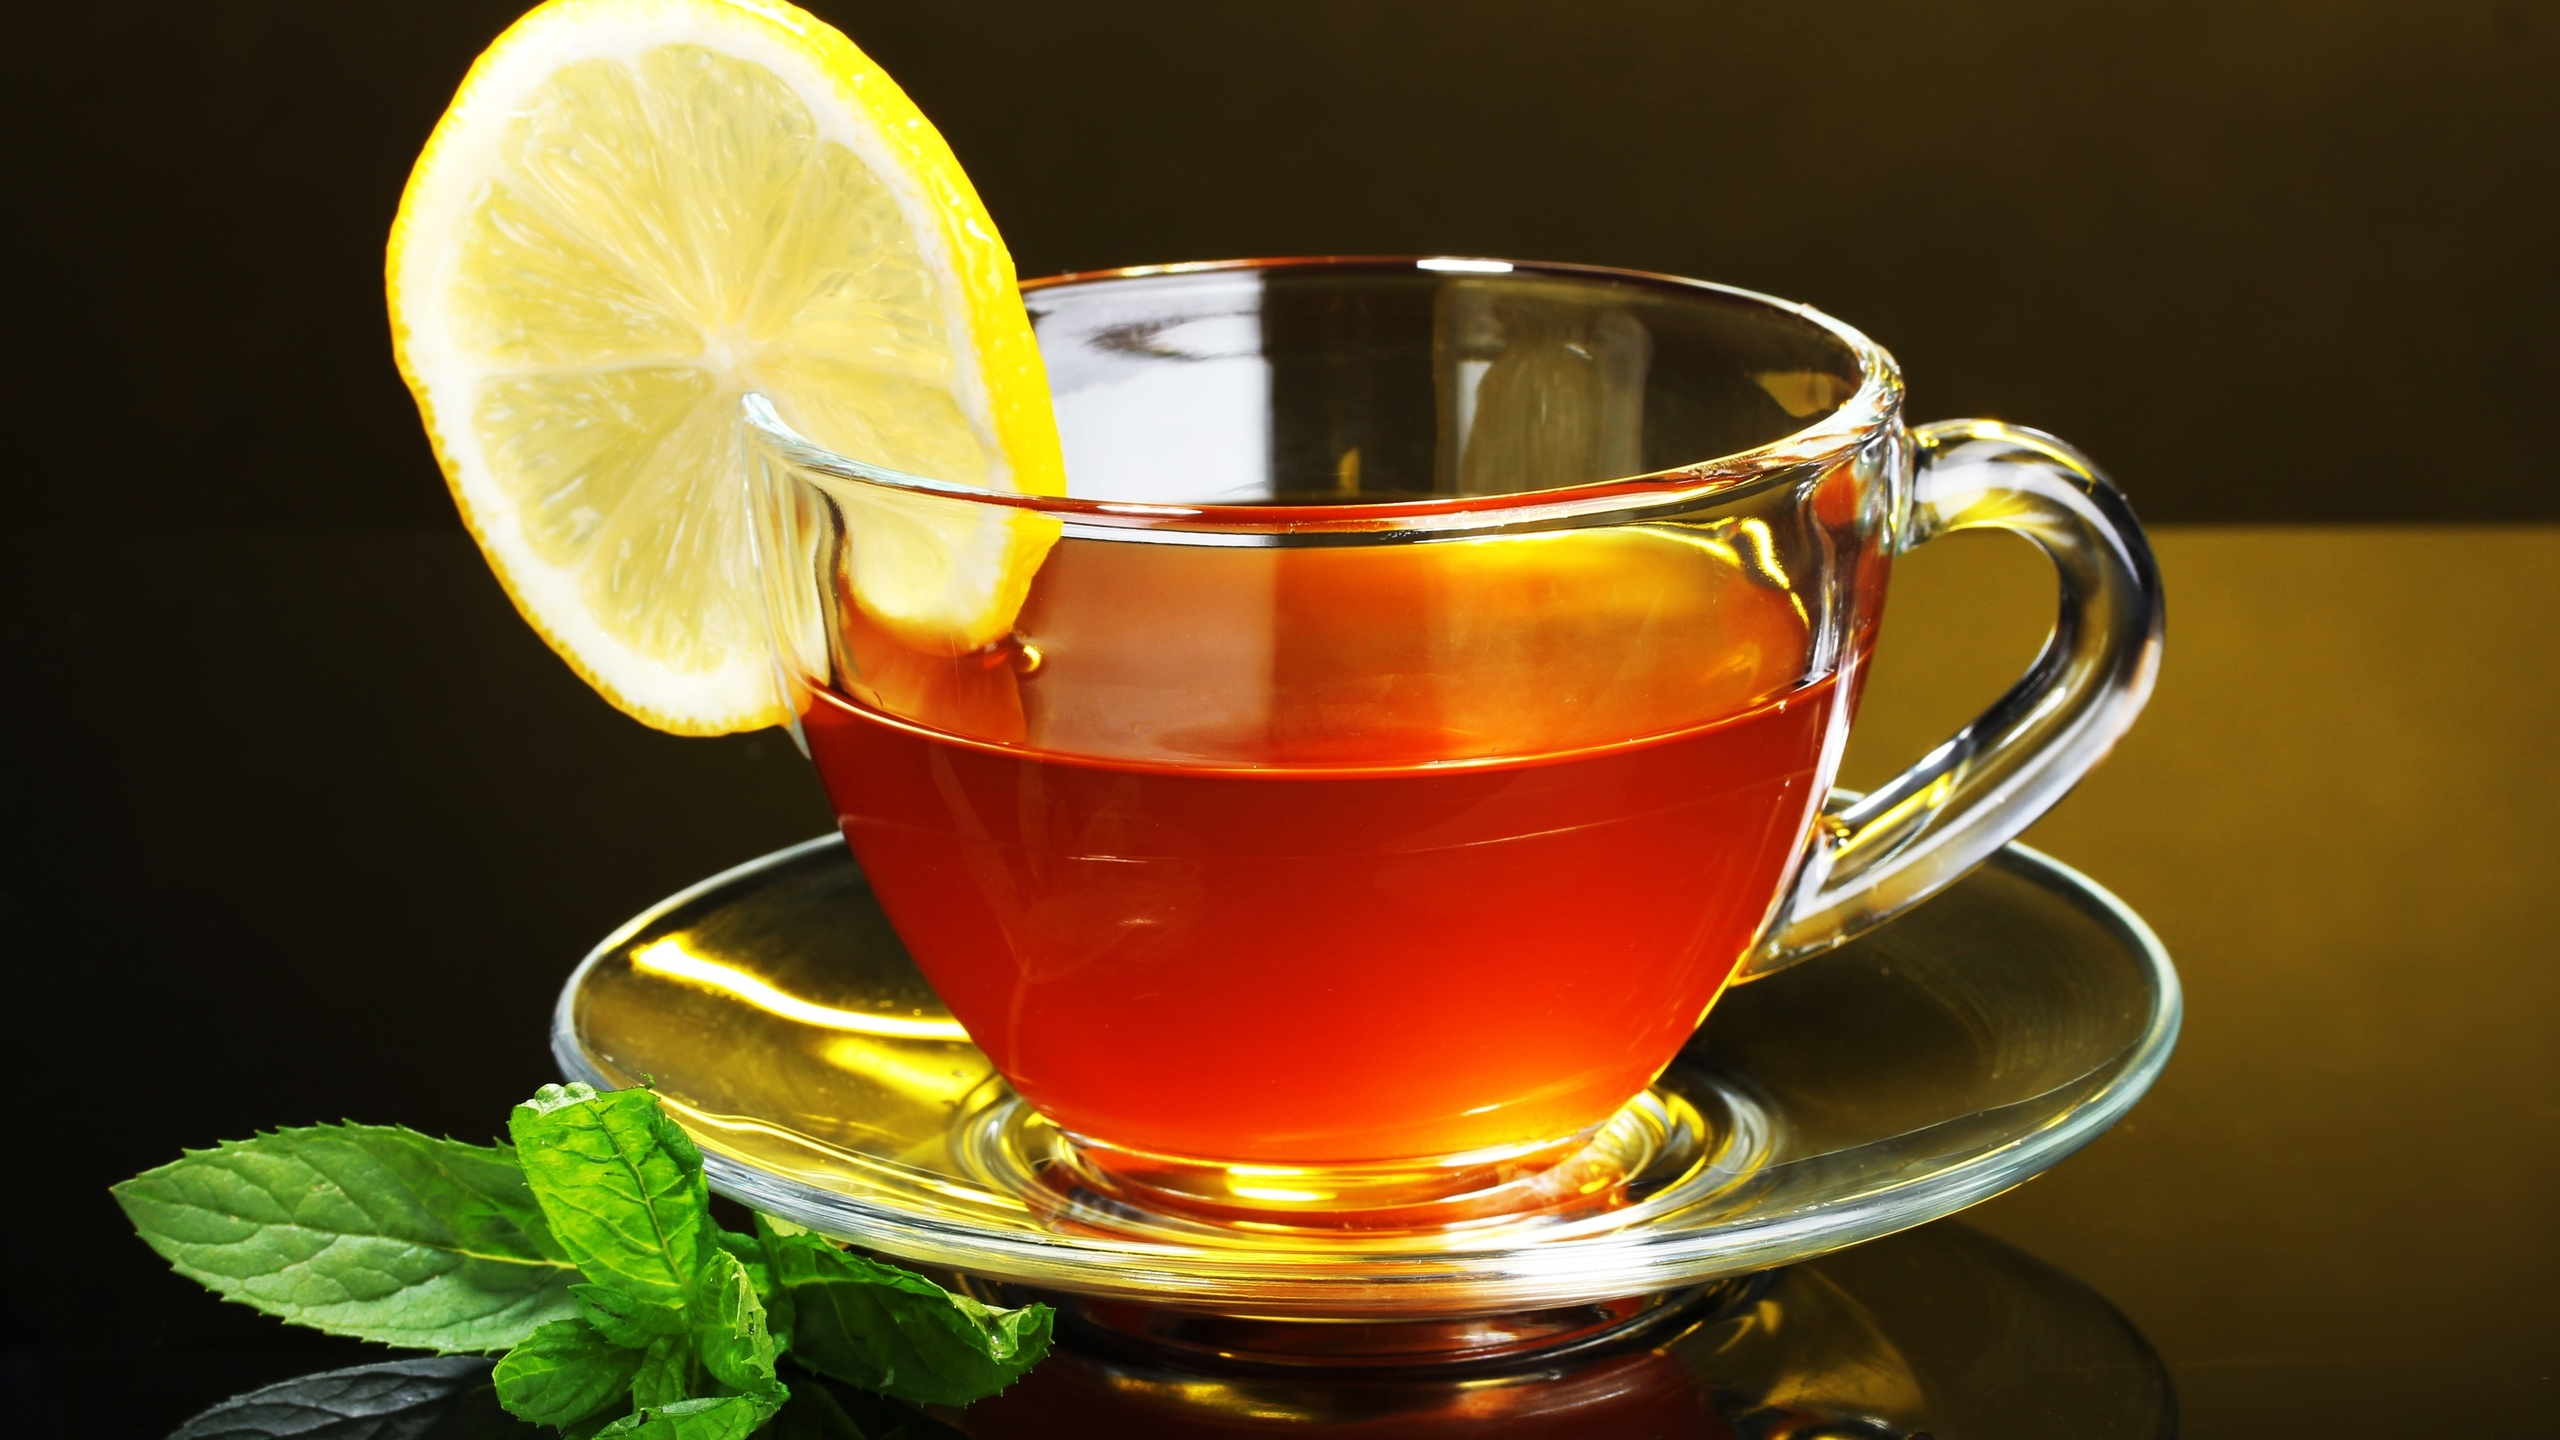 вас есть красивые чашечки чая фото для жен